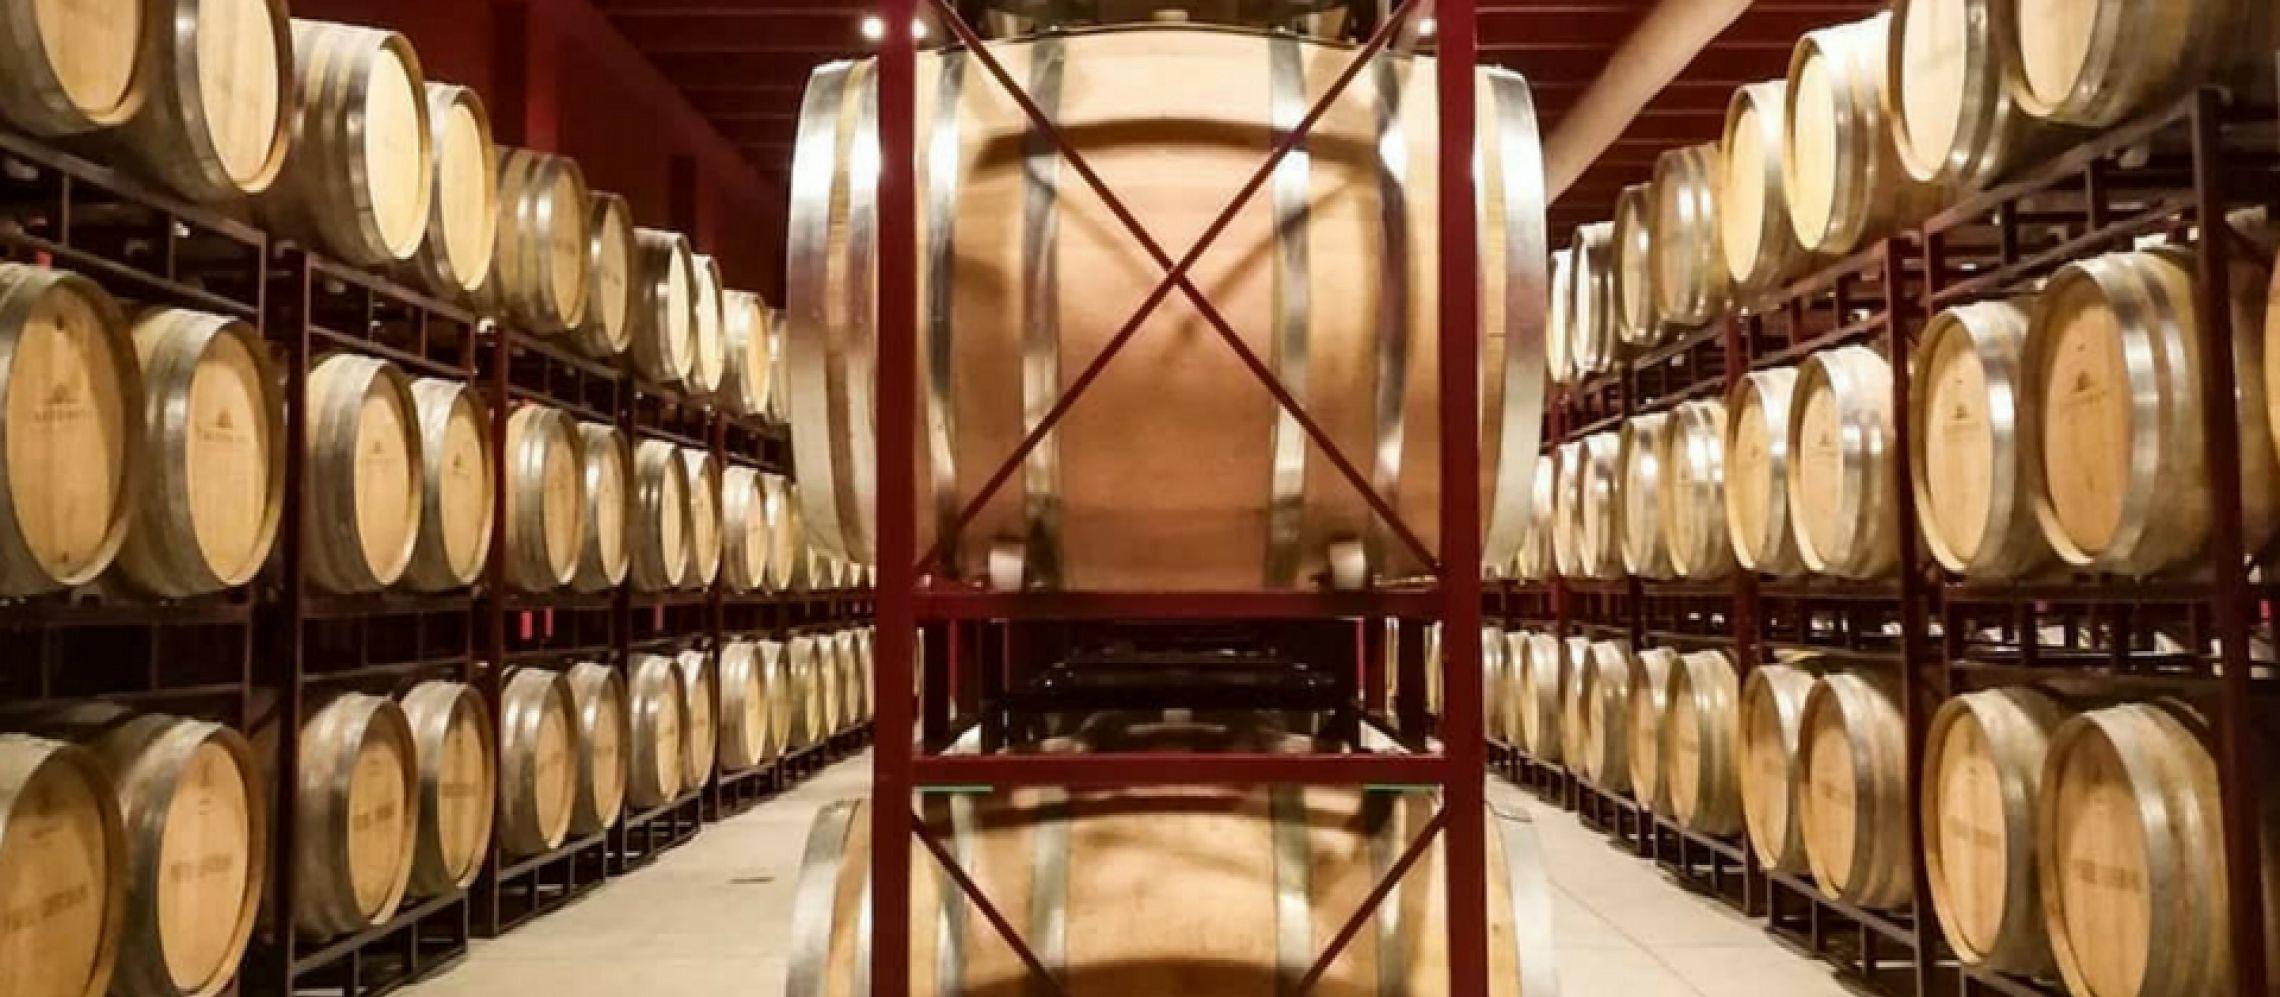 Photo for: Castorani- Fine Italian Winery Based in Abruzzo